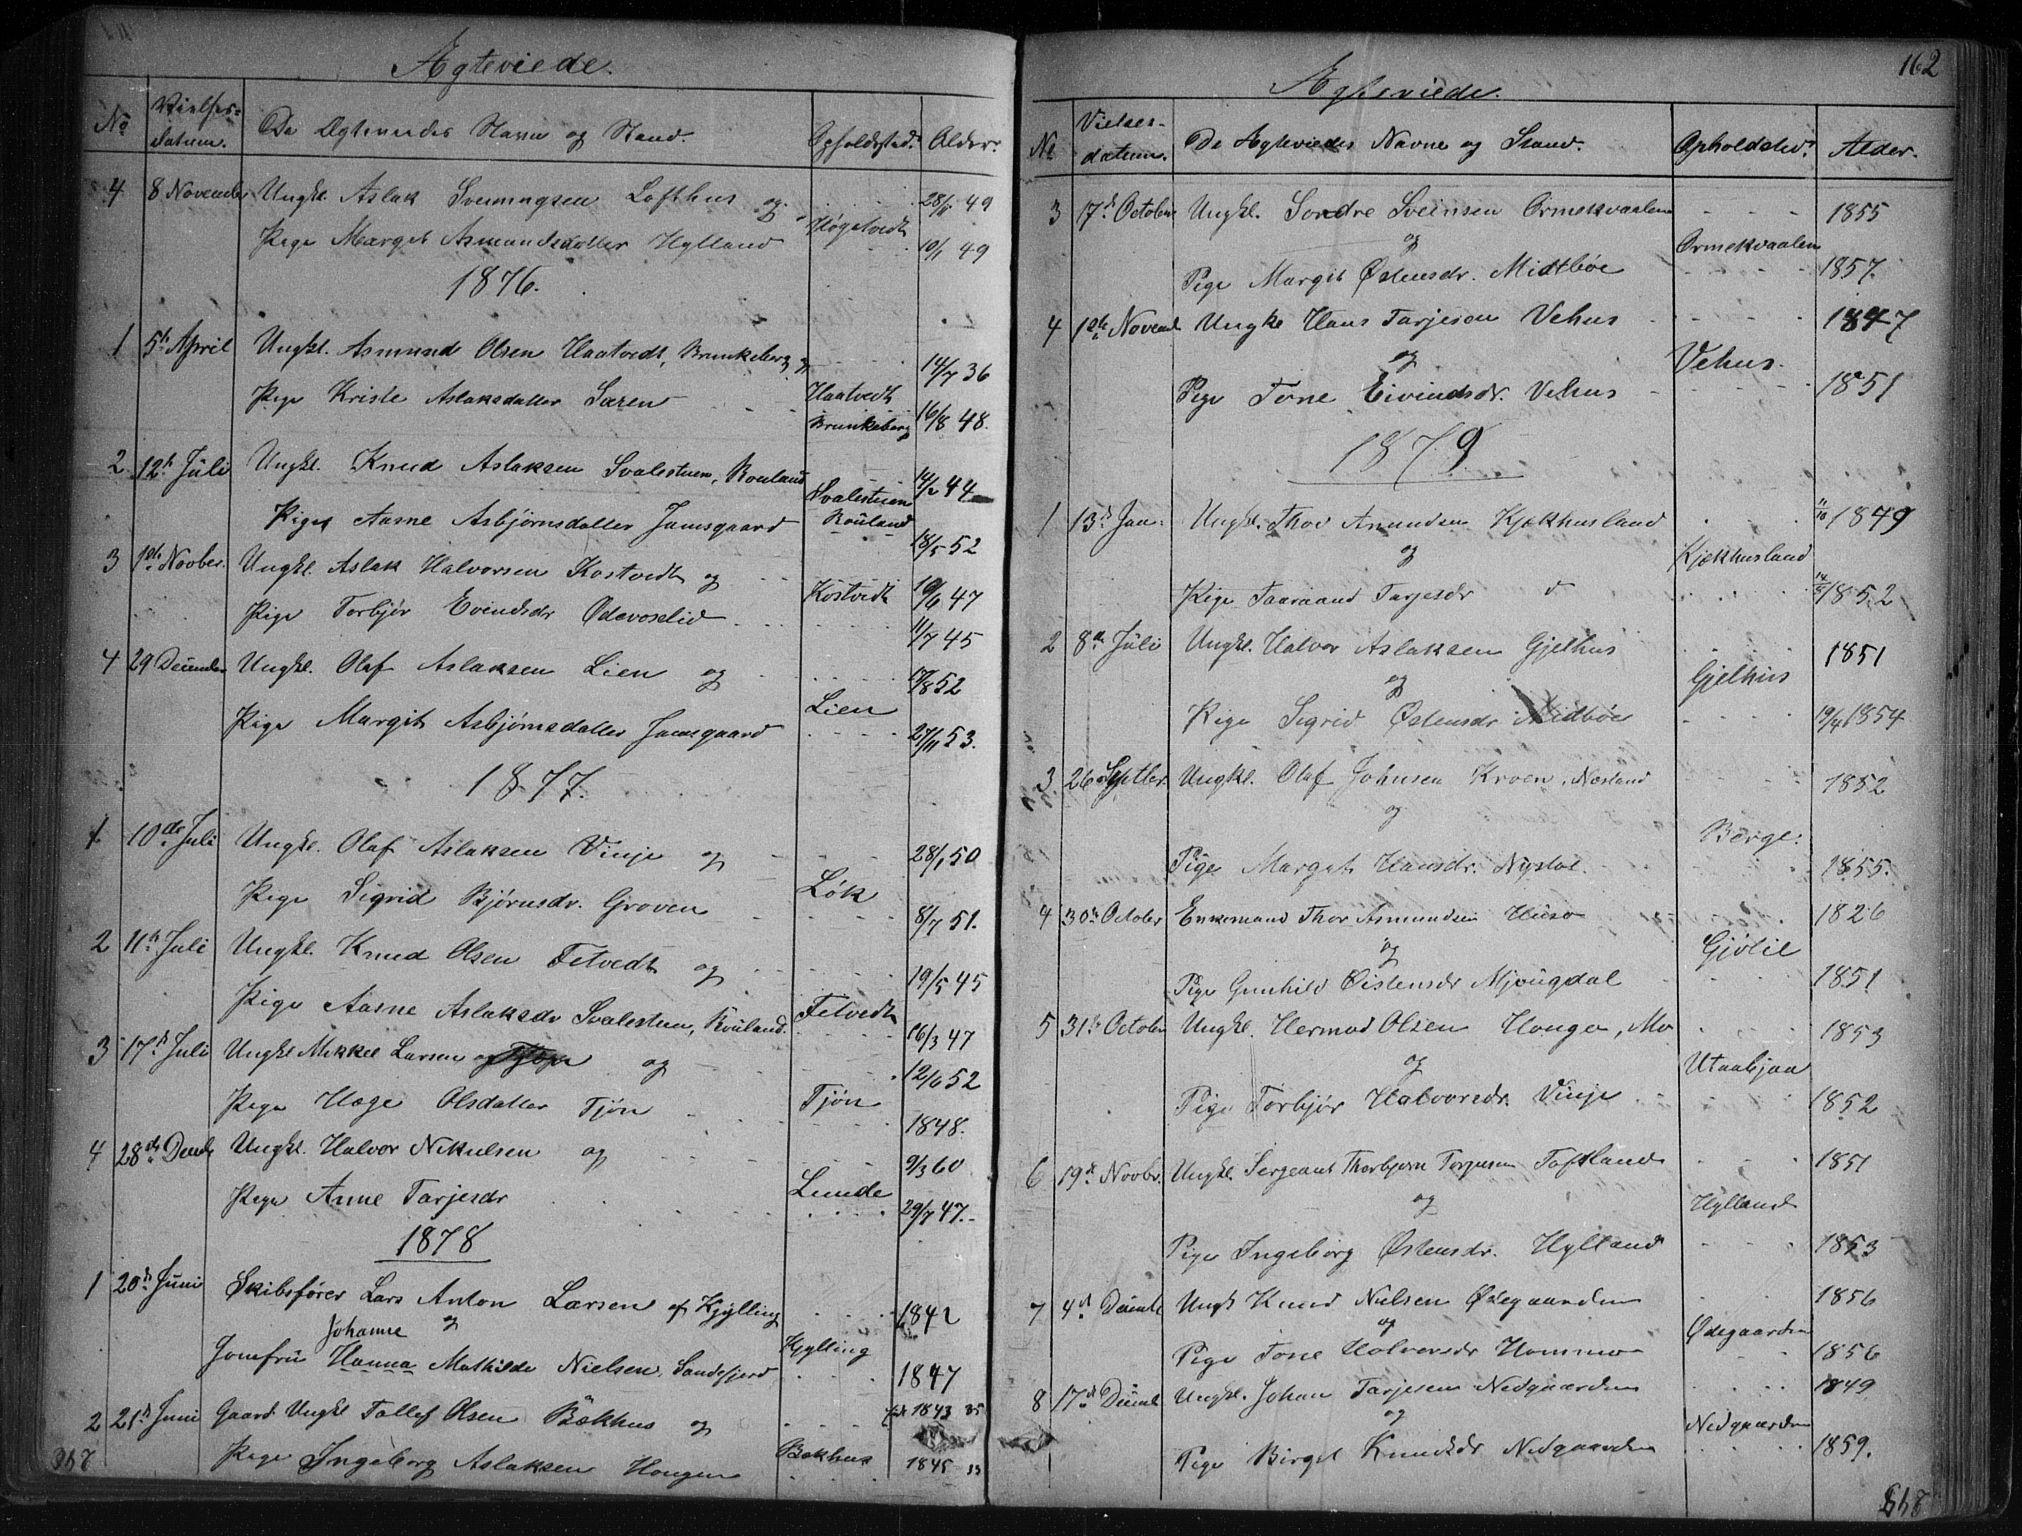 SAKO, Vinje kirkebøker, G/Ga/L0002: Klokkerbok nr. I 2, 1849-1893, s. 162